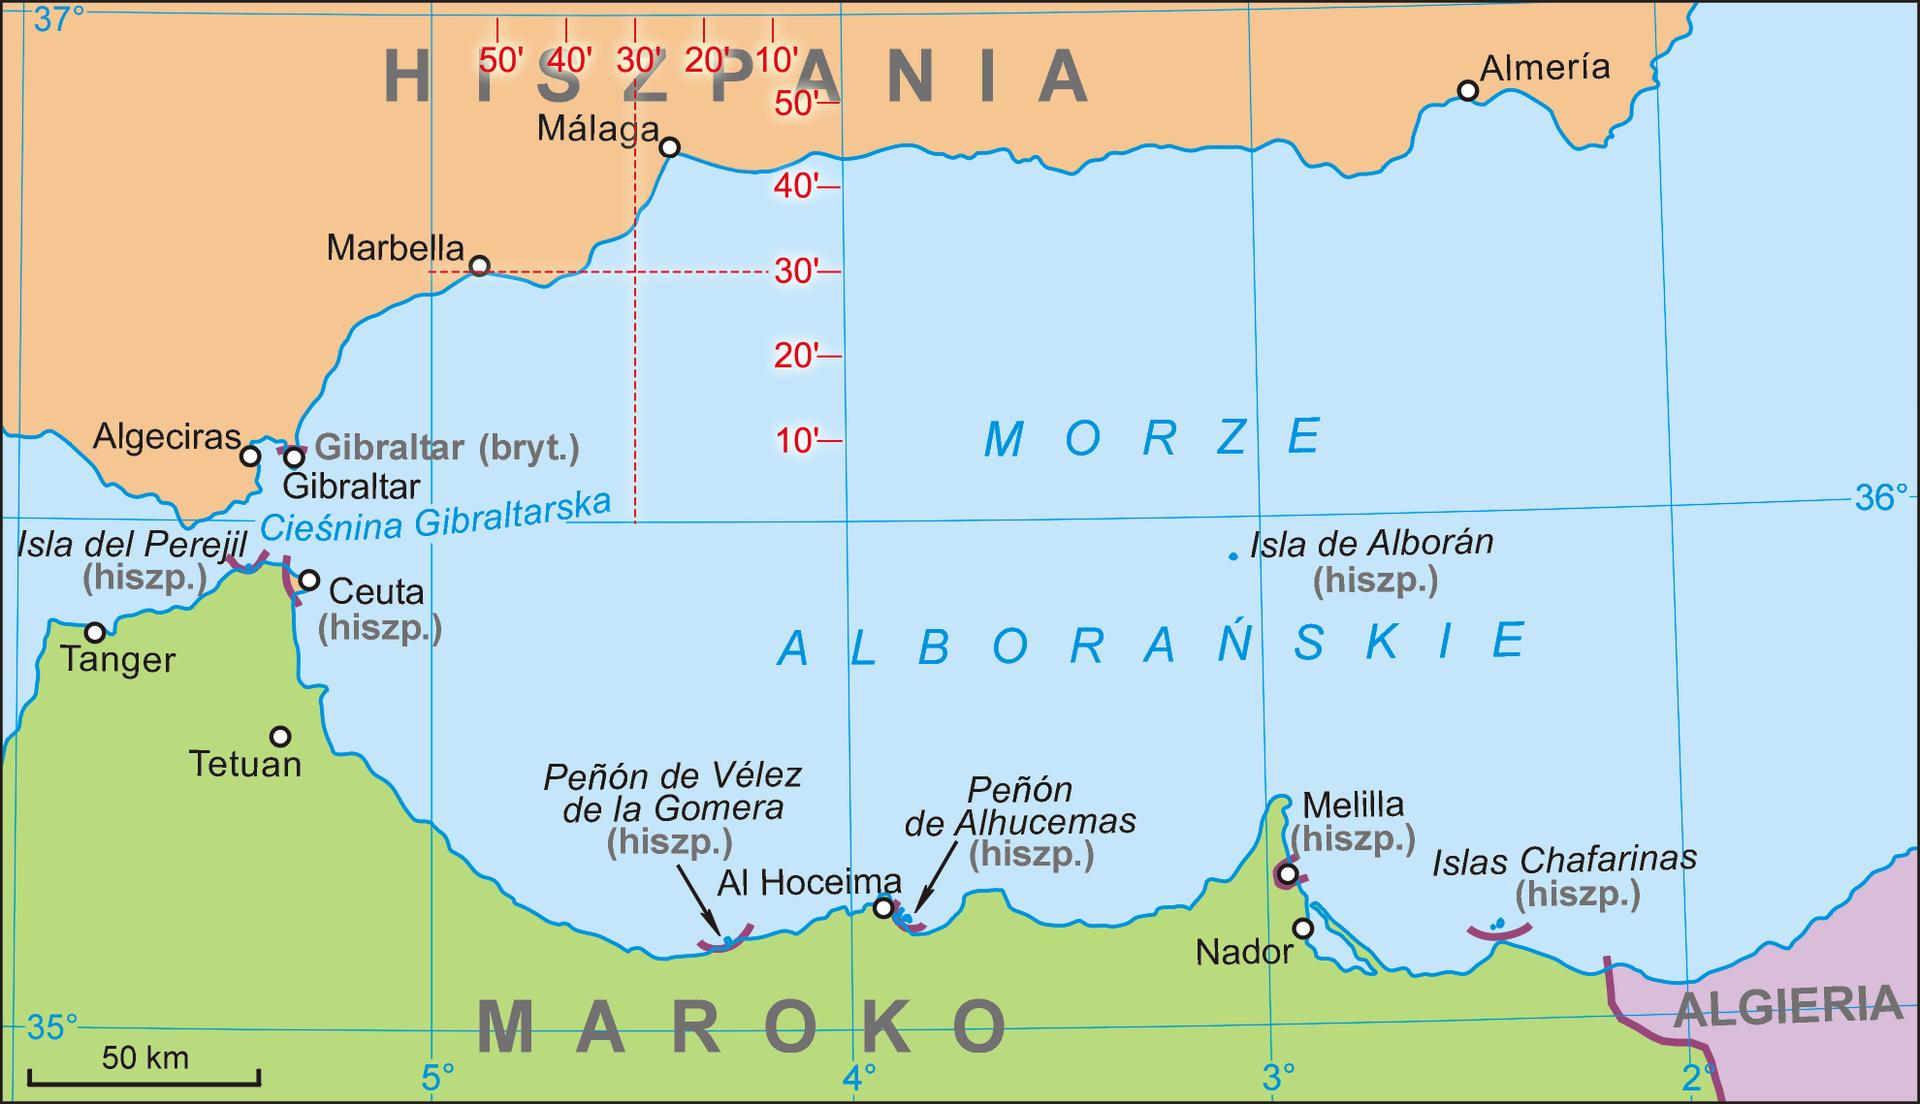 Ilustracja przedstawia mapę wkształcie prostokąta. Prostokąt ułożony poziomo. Środek mapy wkolorze niebieskim to Morze Alborańskie. Wzdłuż dolnej krawędzi mapy wybrzeże Afryki. Linia brzegowa Afryki na mapie znajduje się około dwa centymetry od krawędzi mapy. Wzdłuż zmiennej linii brzegowej zaznaczone są największe miasta. Nazwy miast wjęzyku hiszpańskim. Wprawym dolnym rogu państwo Algieria. Lewą stronę mapy zajmuje wysunięta na północ część lądu. Na wysuniętej części znajdują się miasta Tanger, Ceuta oraz Tetuan. Wzdłuż górnej krawędzi mapy rozciąga się wybrzeże Hiszpanii. Lewa strona mapy to wysunięta część lądu wkierunku południowym. Mapa pokryta jest siatką równoleżników ipołudników. Siatka opisana jest na brzegach mapy.